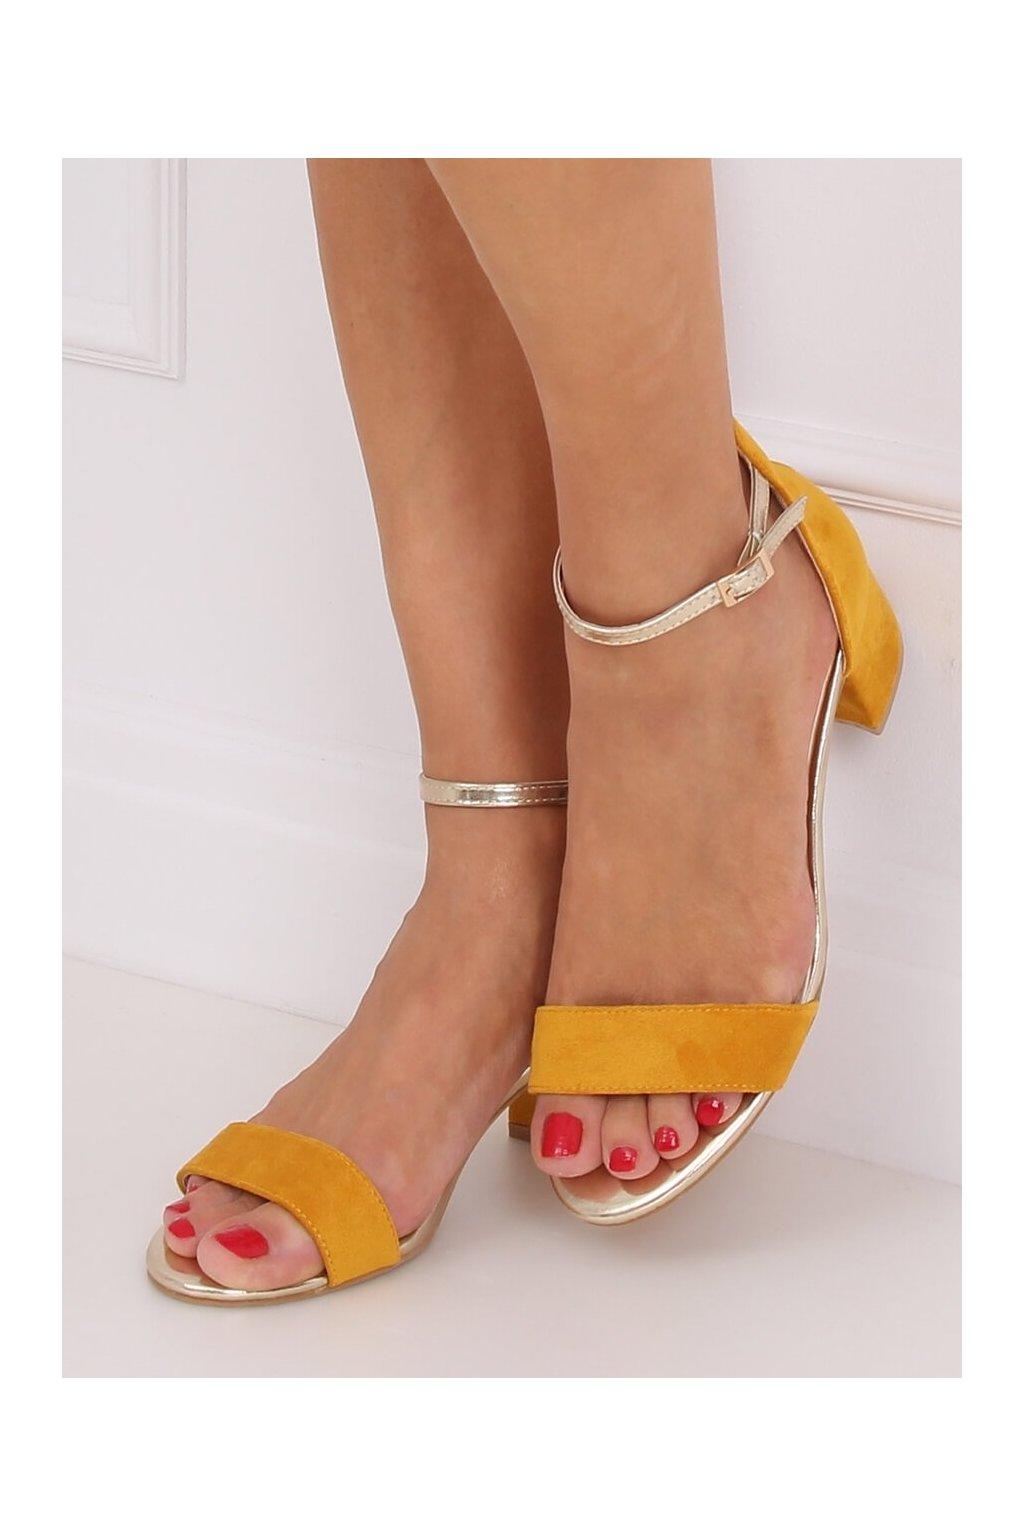 Damske sandále žlté na stĺpovom podpätku M307P